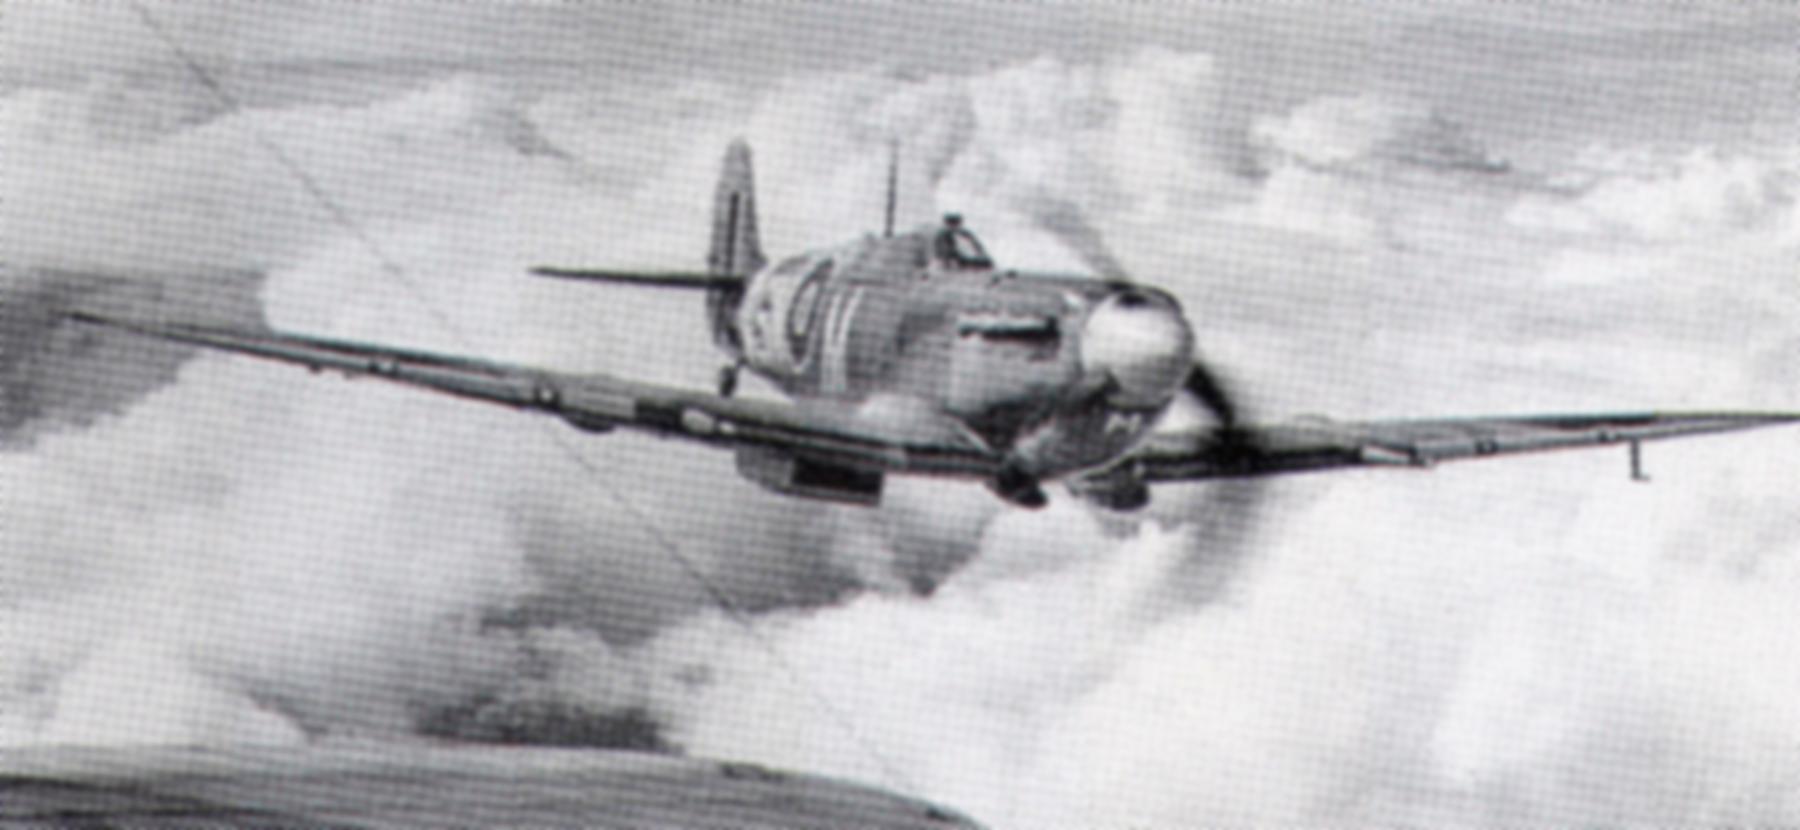 Spitfire MkV RAF Code M 01